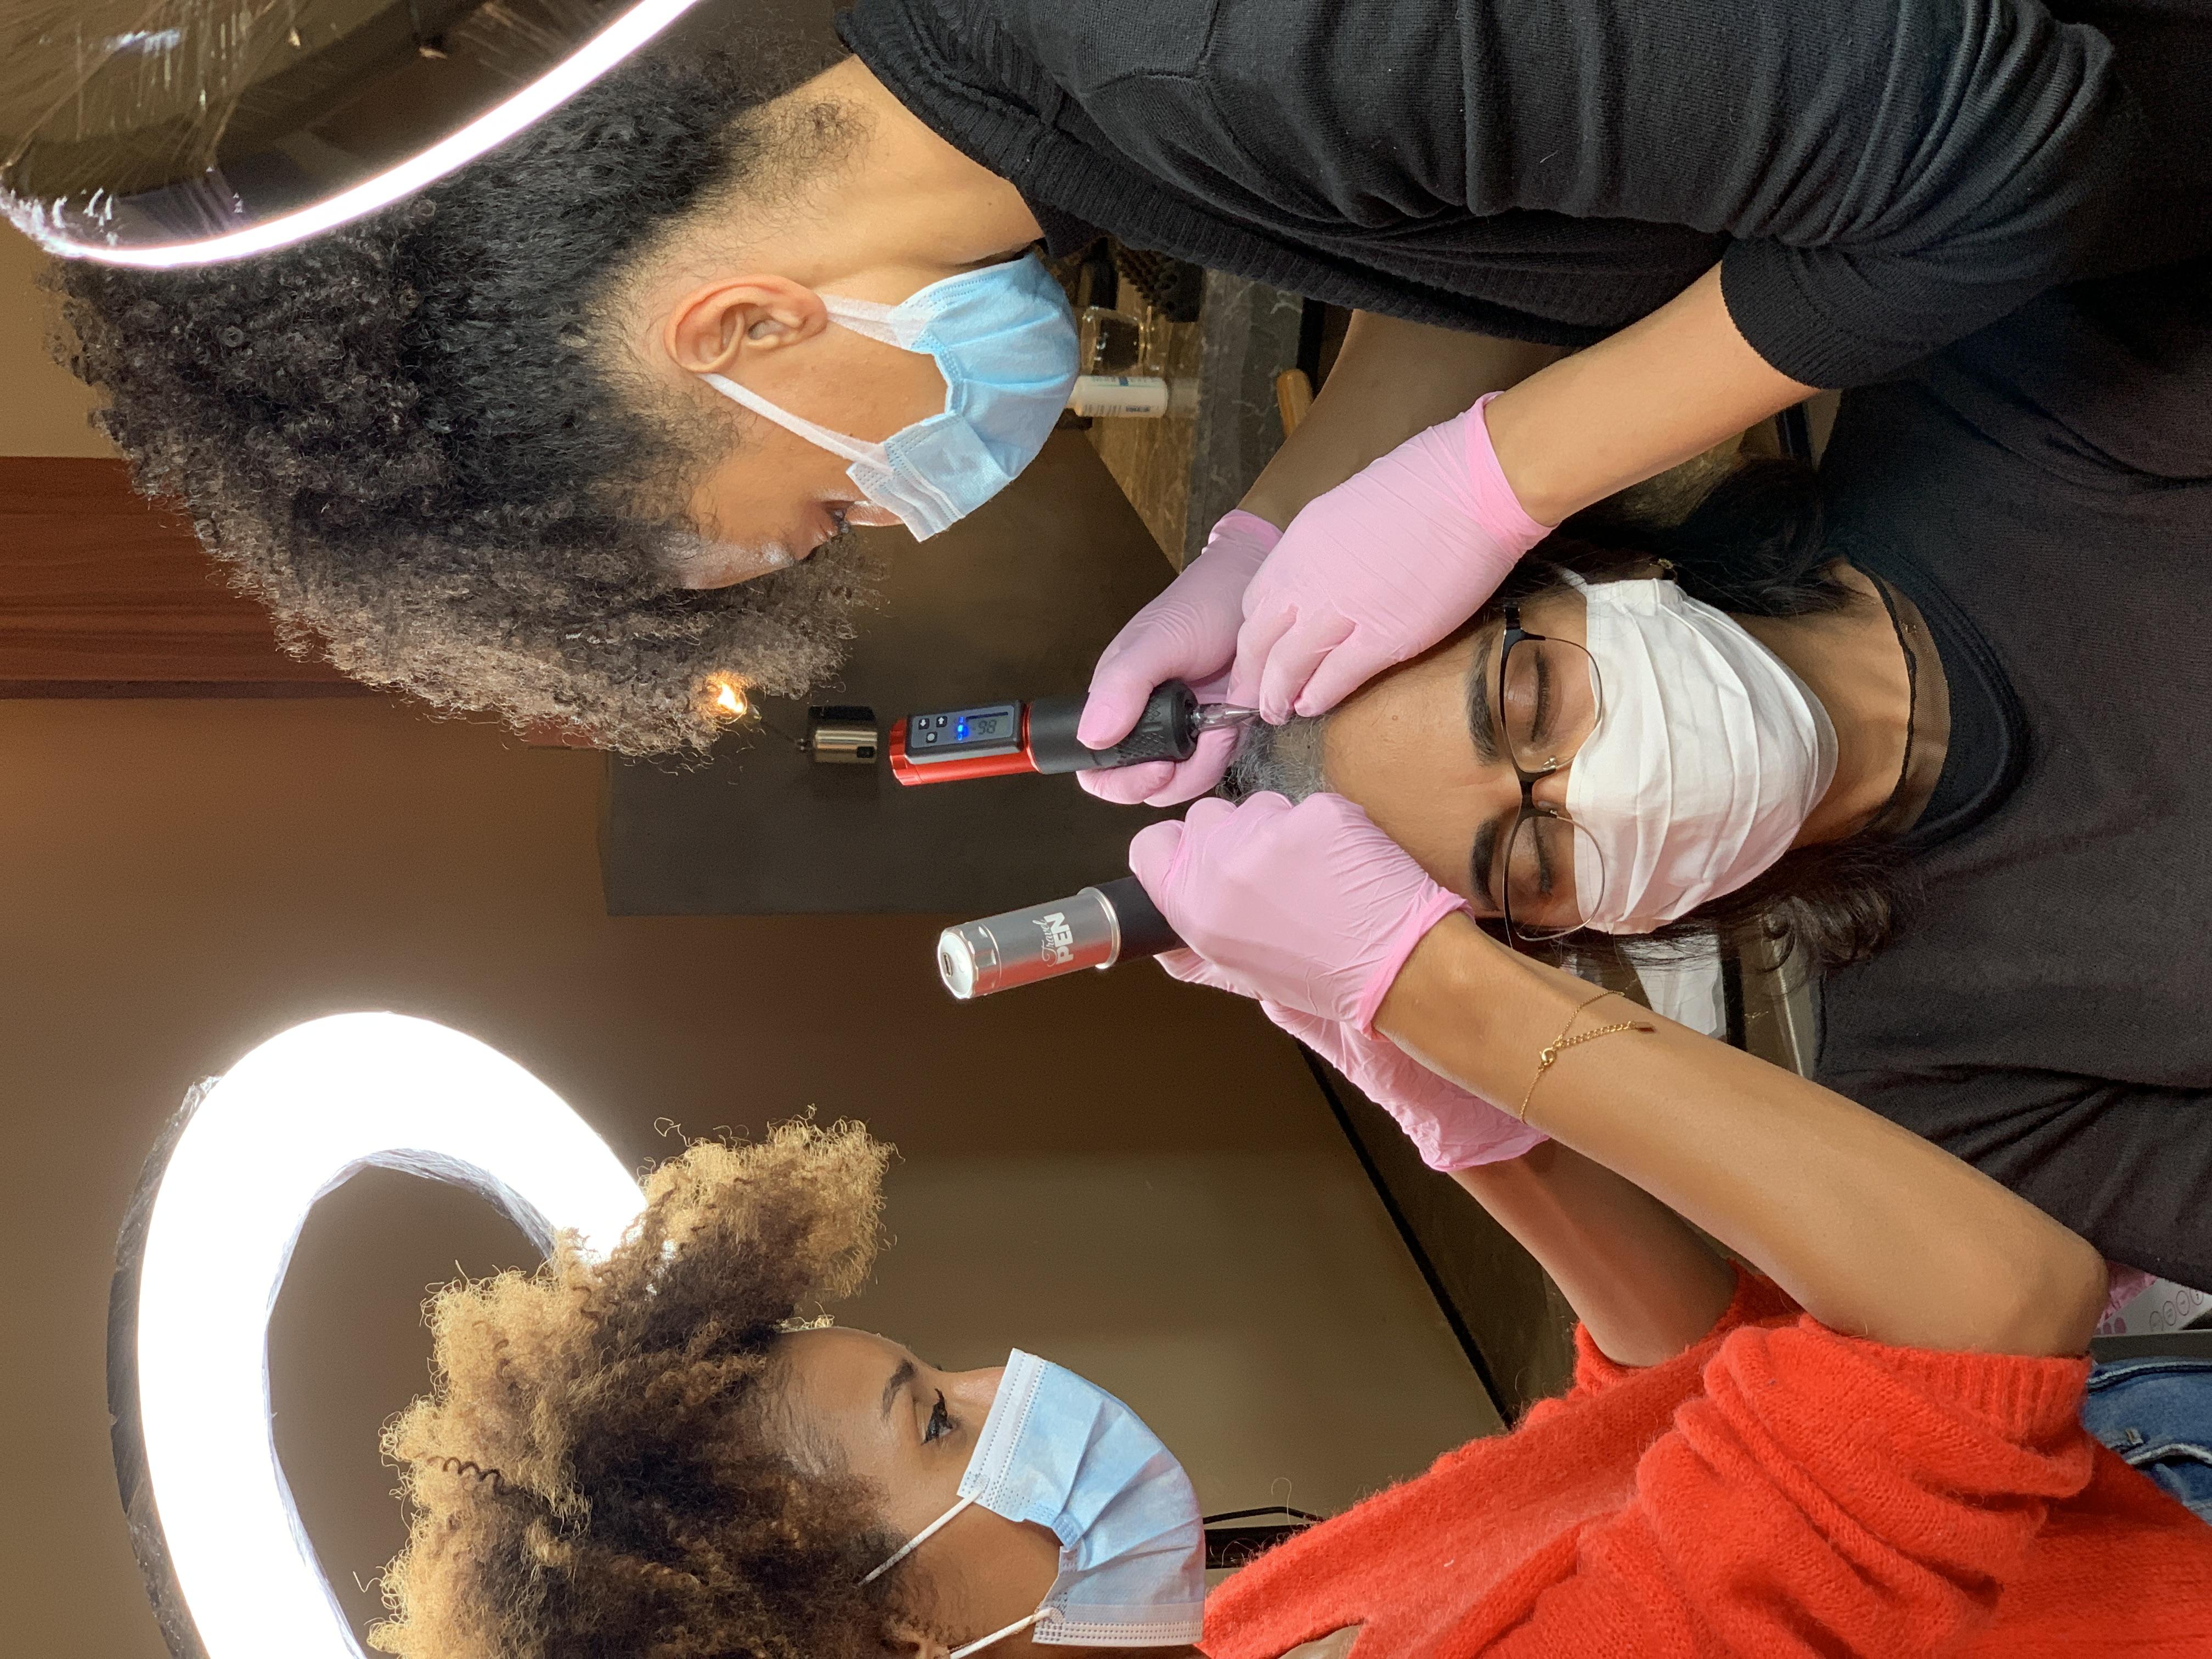 Formation micropigmentation capillaire Maroc, formation dermopigmentation capillaire Marrakech, form